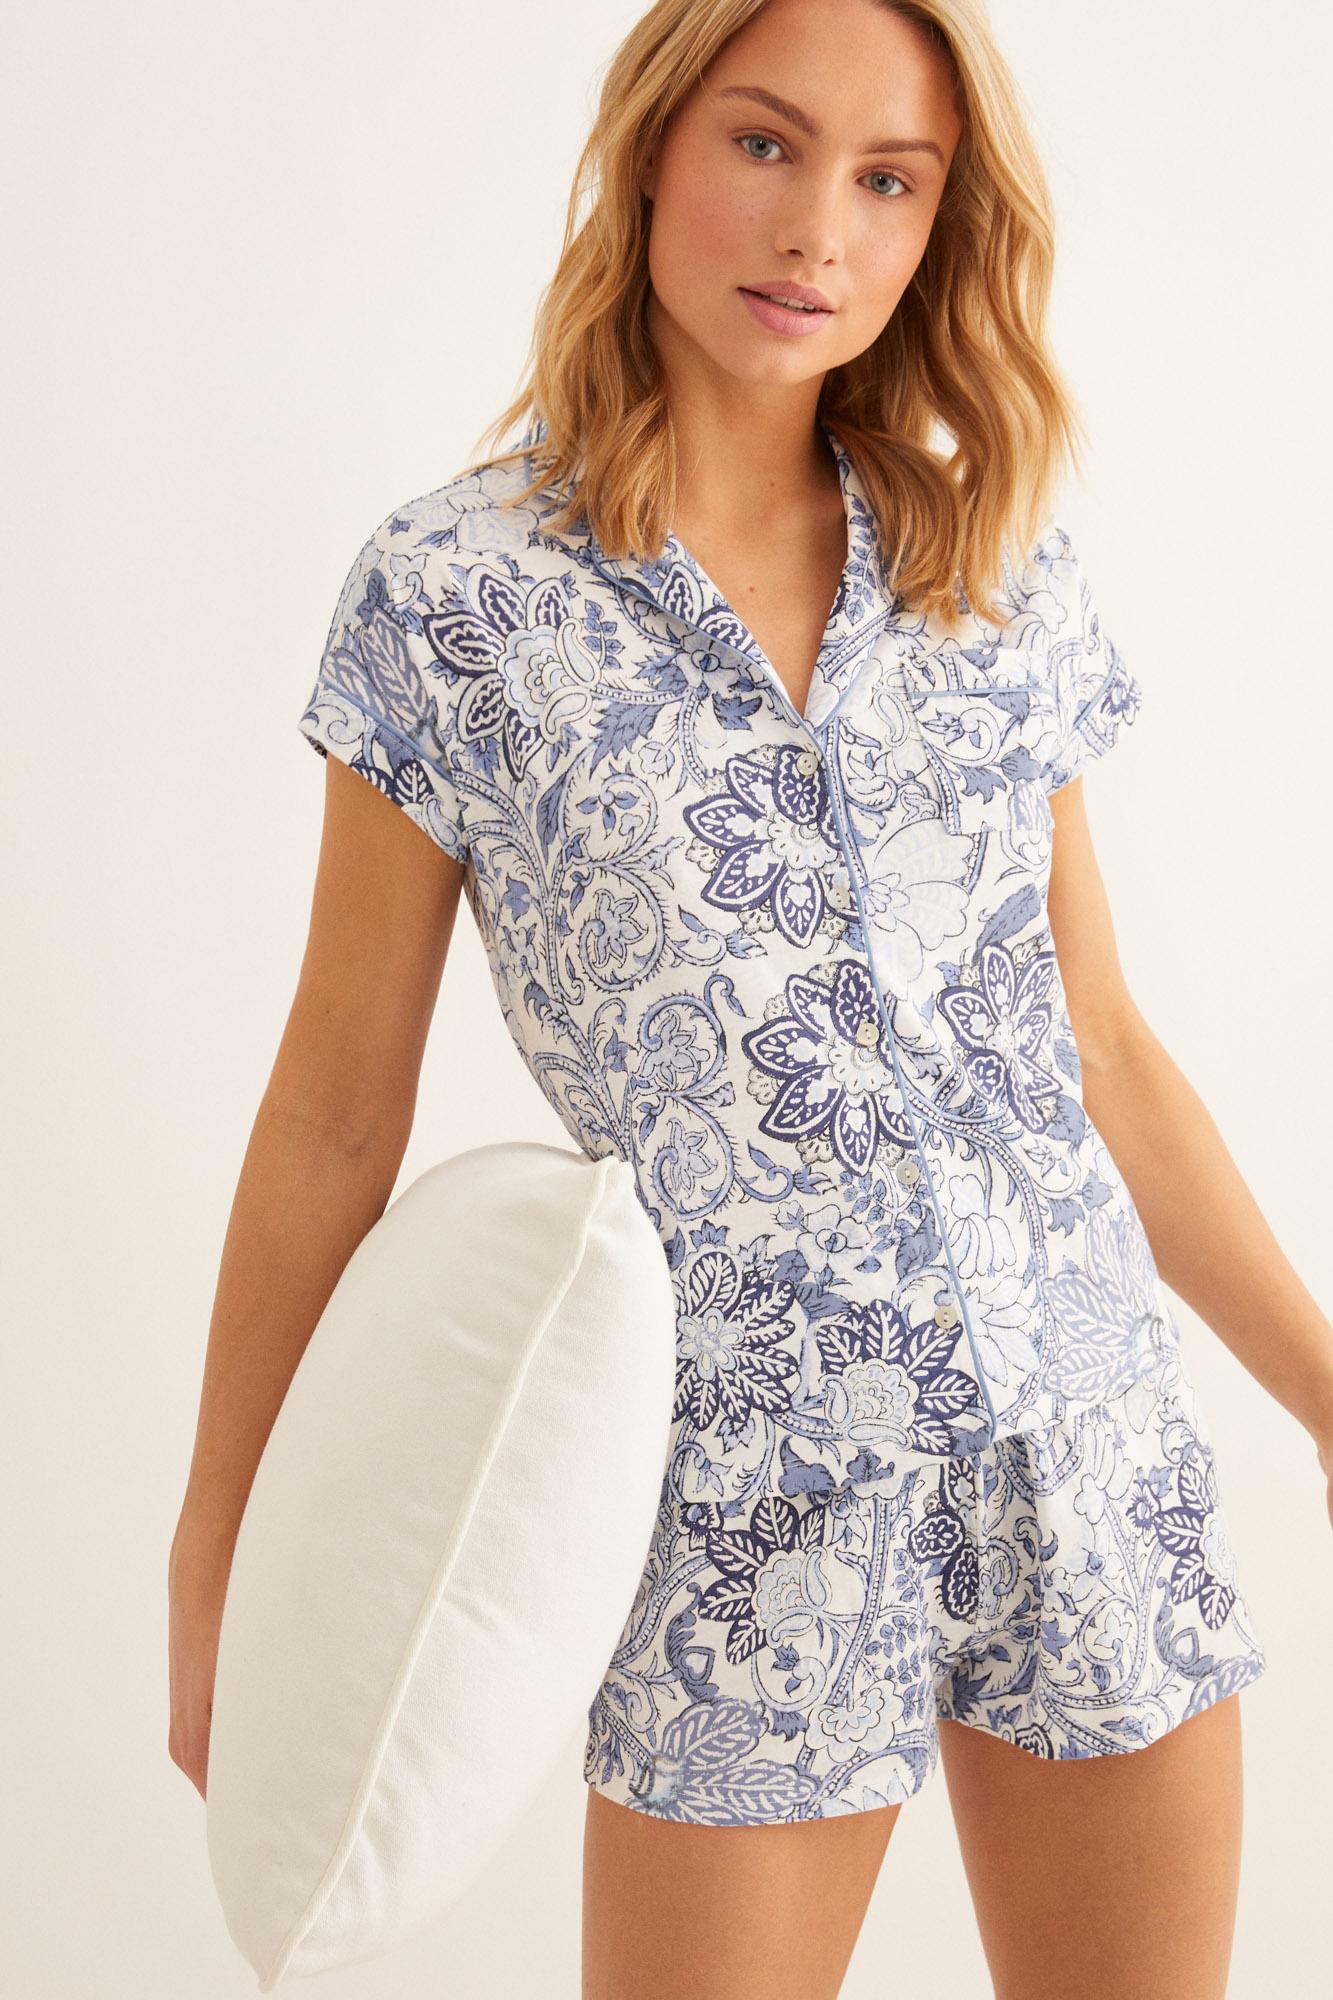 Pijama corto camisero floral | Pijamas cortos | Women'secret